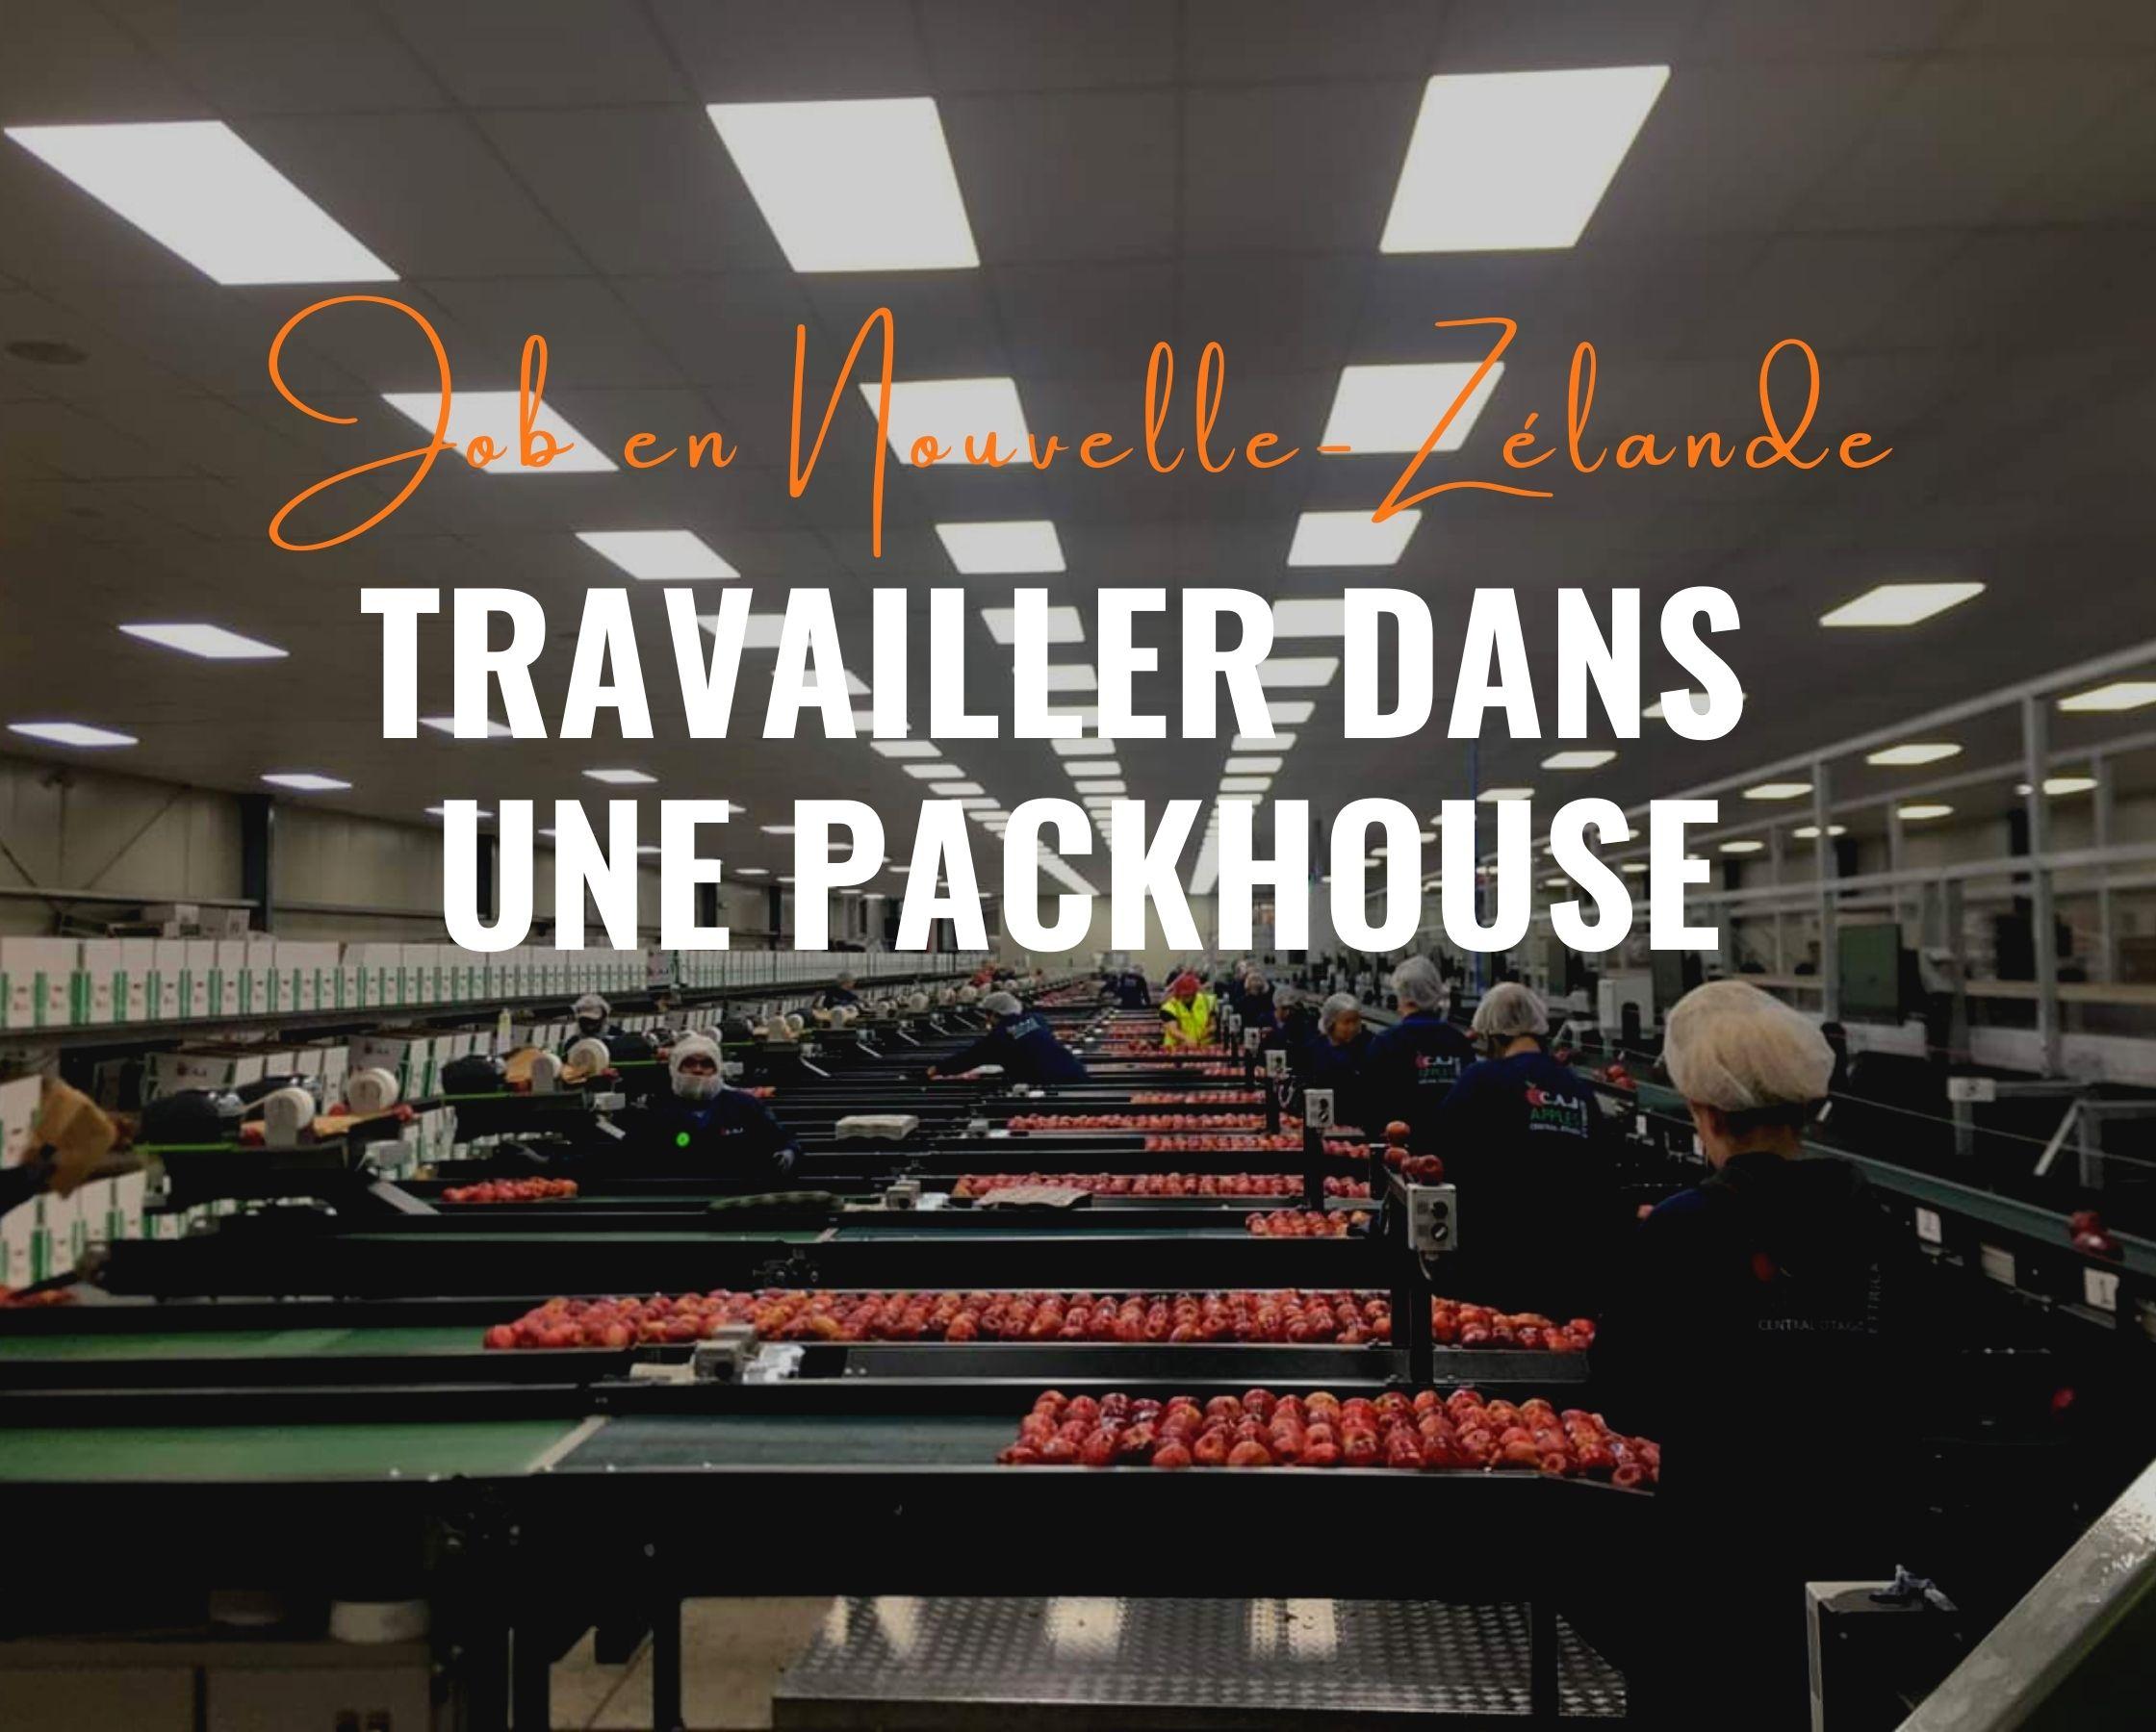 Travailler dans une packhouse en Nouvelle-Zélande